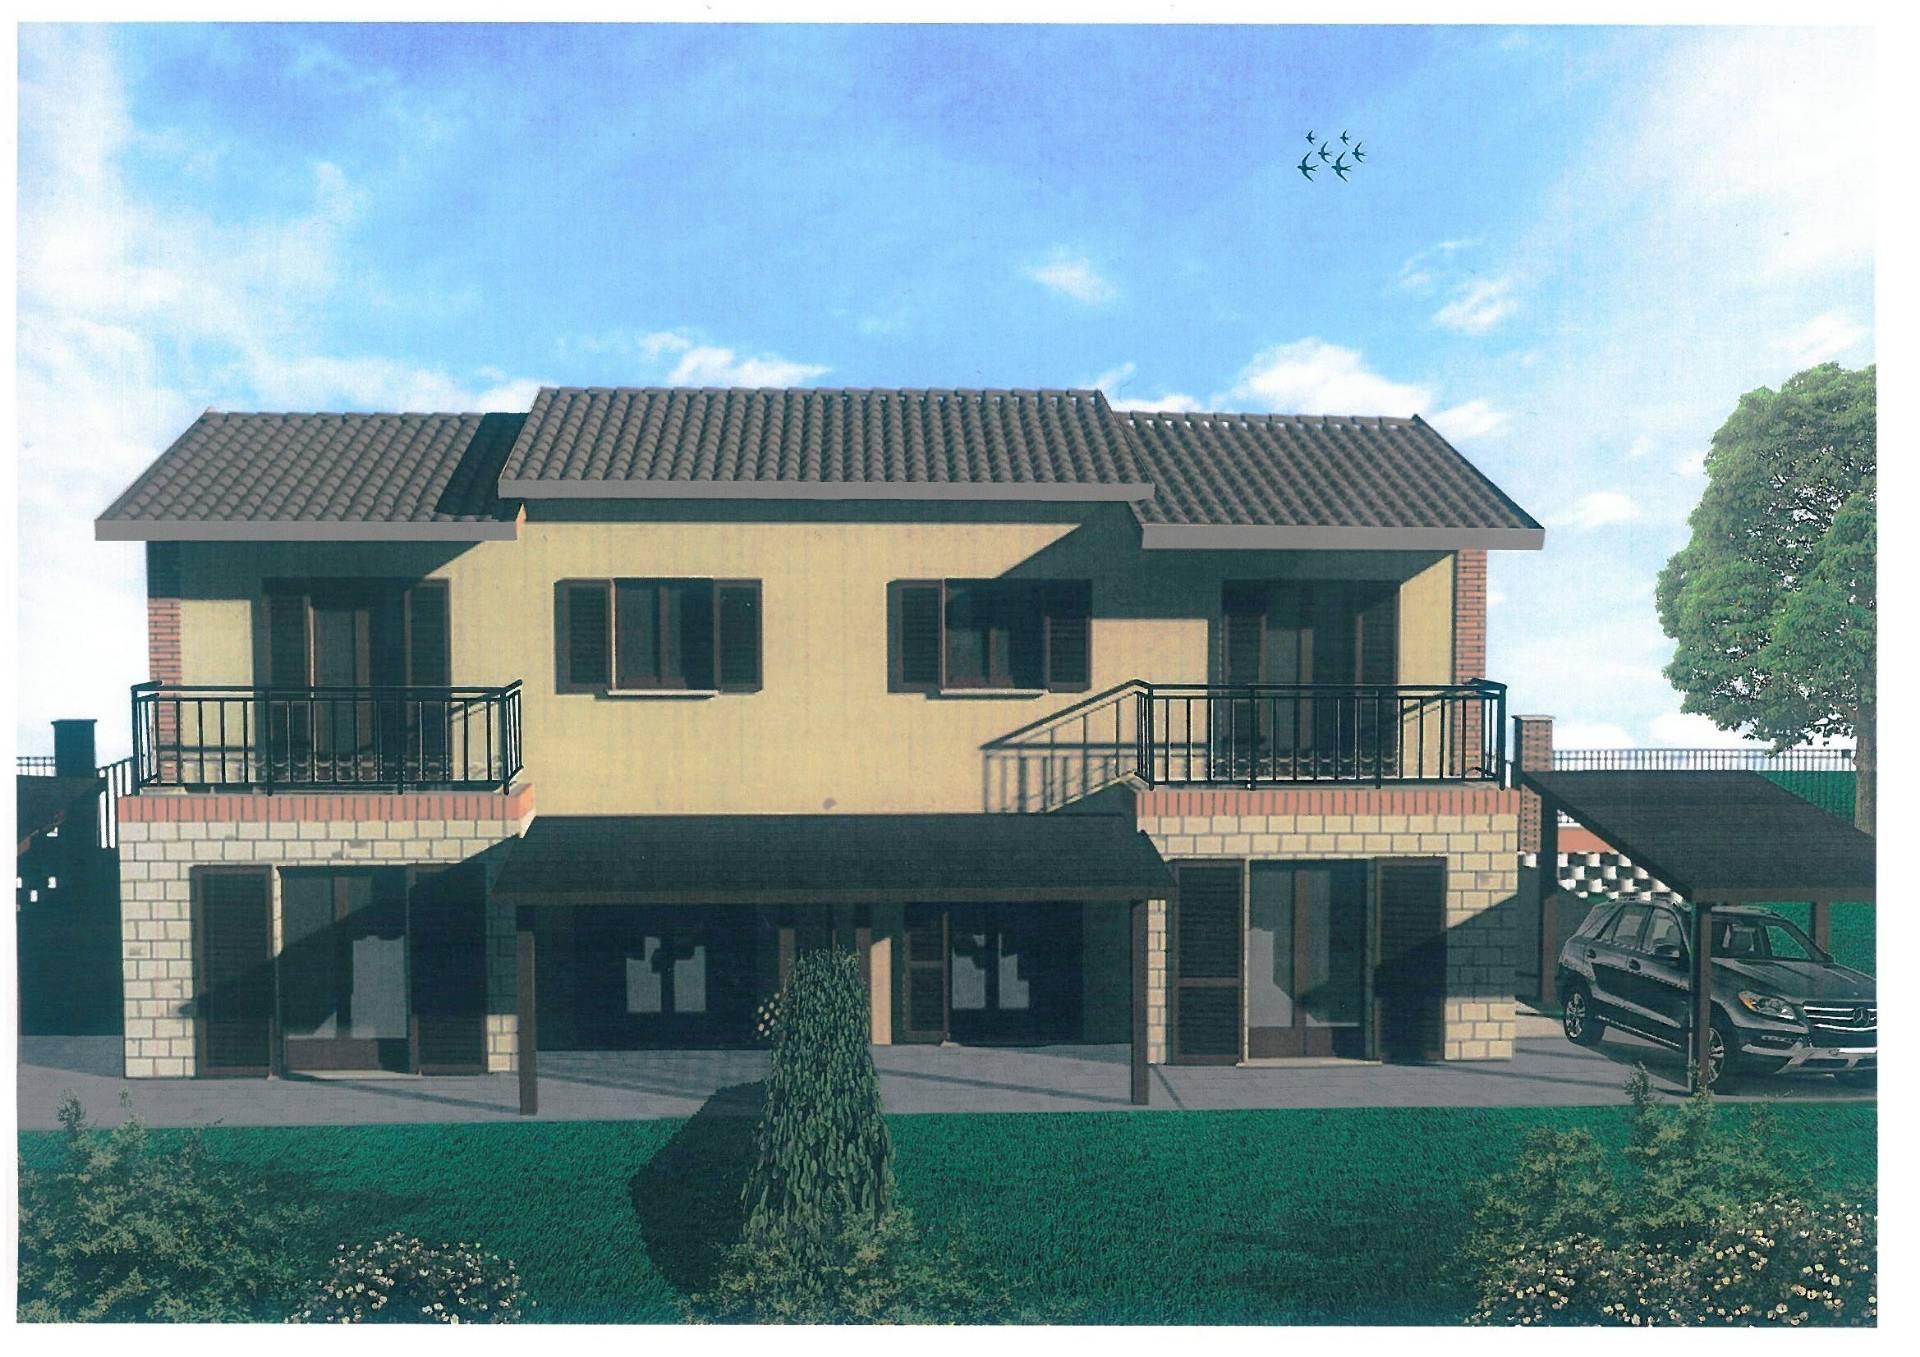 Villa in vendita a Agugliano, 6 locali, zona Località: CasteldEmilio, prezzo € 260.000 | Cambio Casa.it